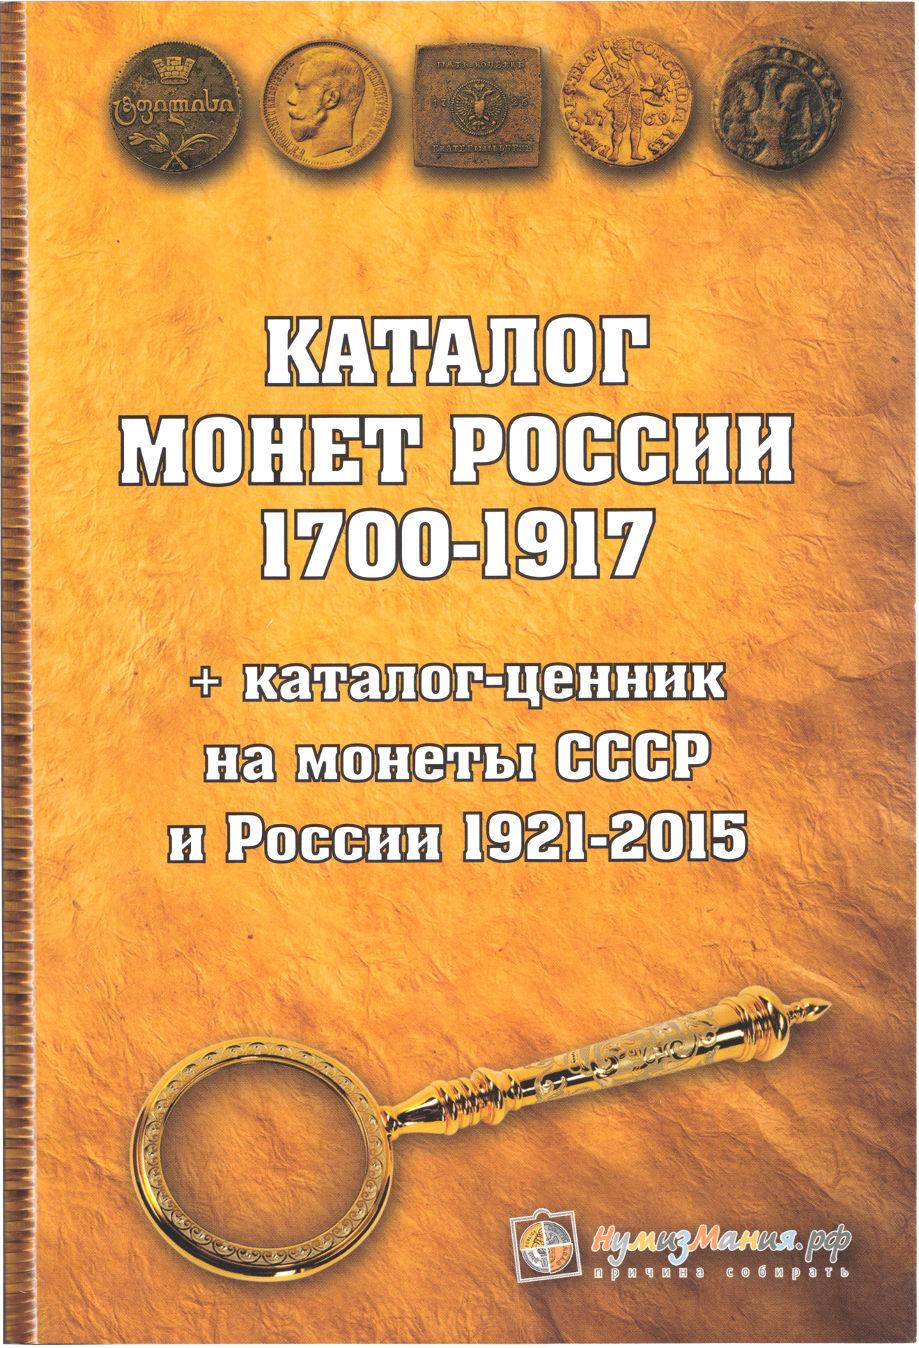 Каталог ценник монет царской россии 1700 1917 коллекционеры монет 1991 года